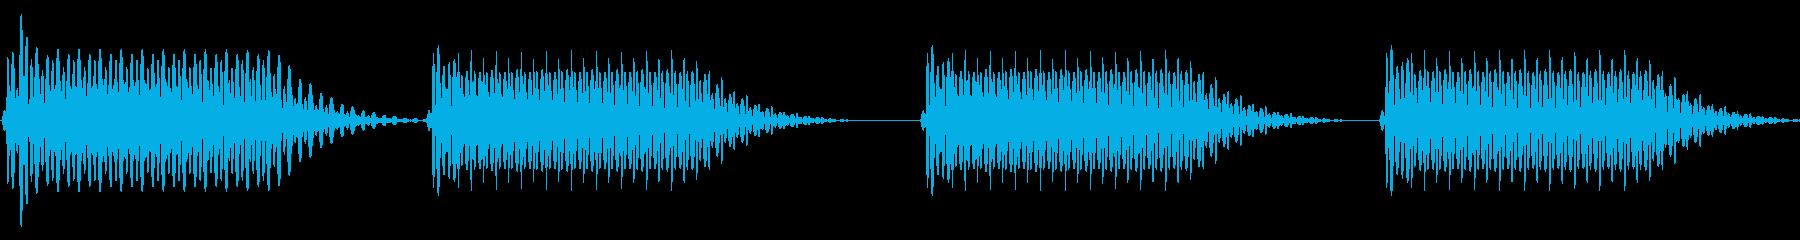 往年のRPG風 セリフ・吹き出し音 4の再生済みの波形